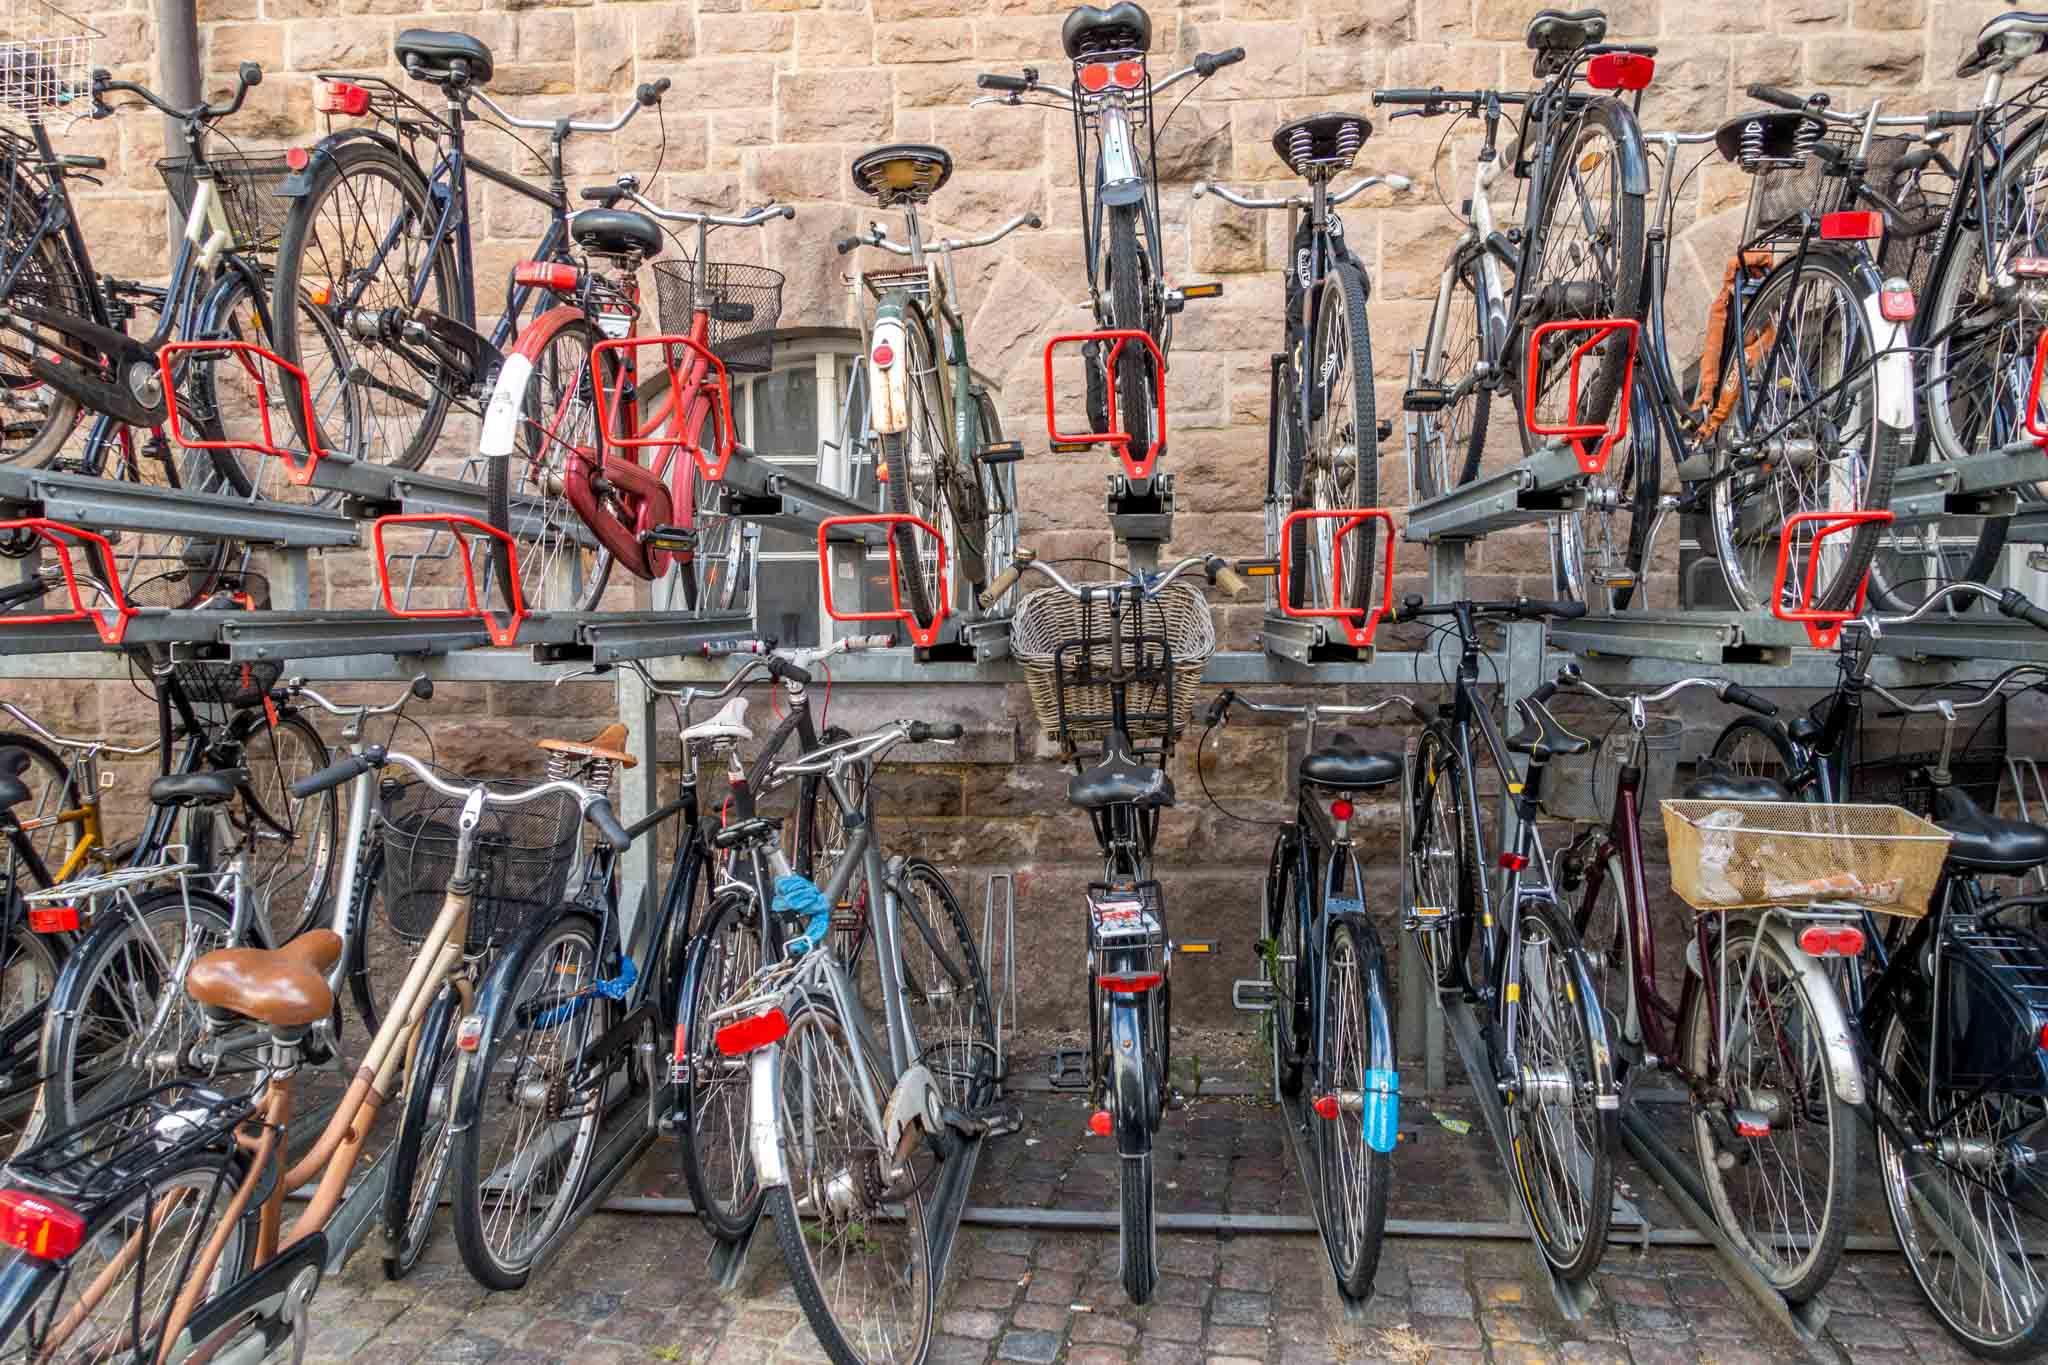 Racks full of bicycles